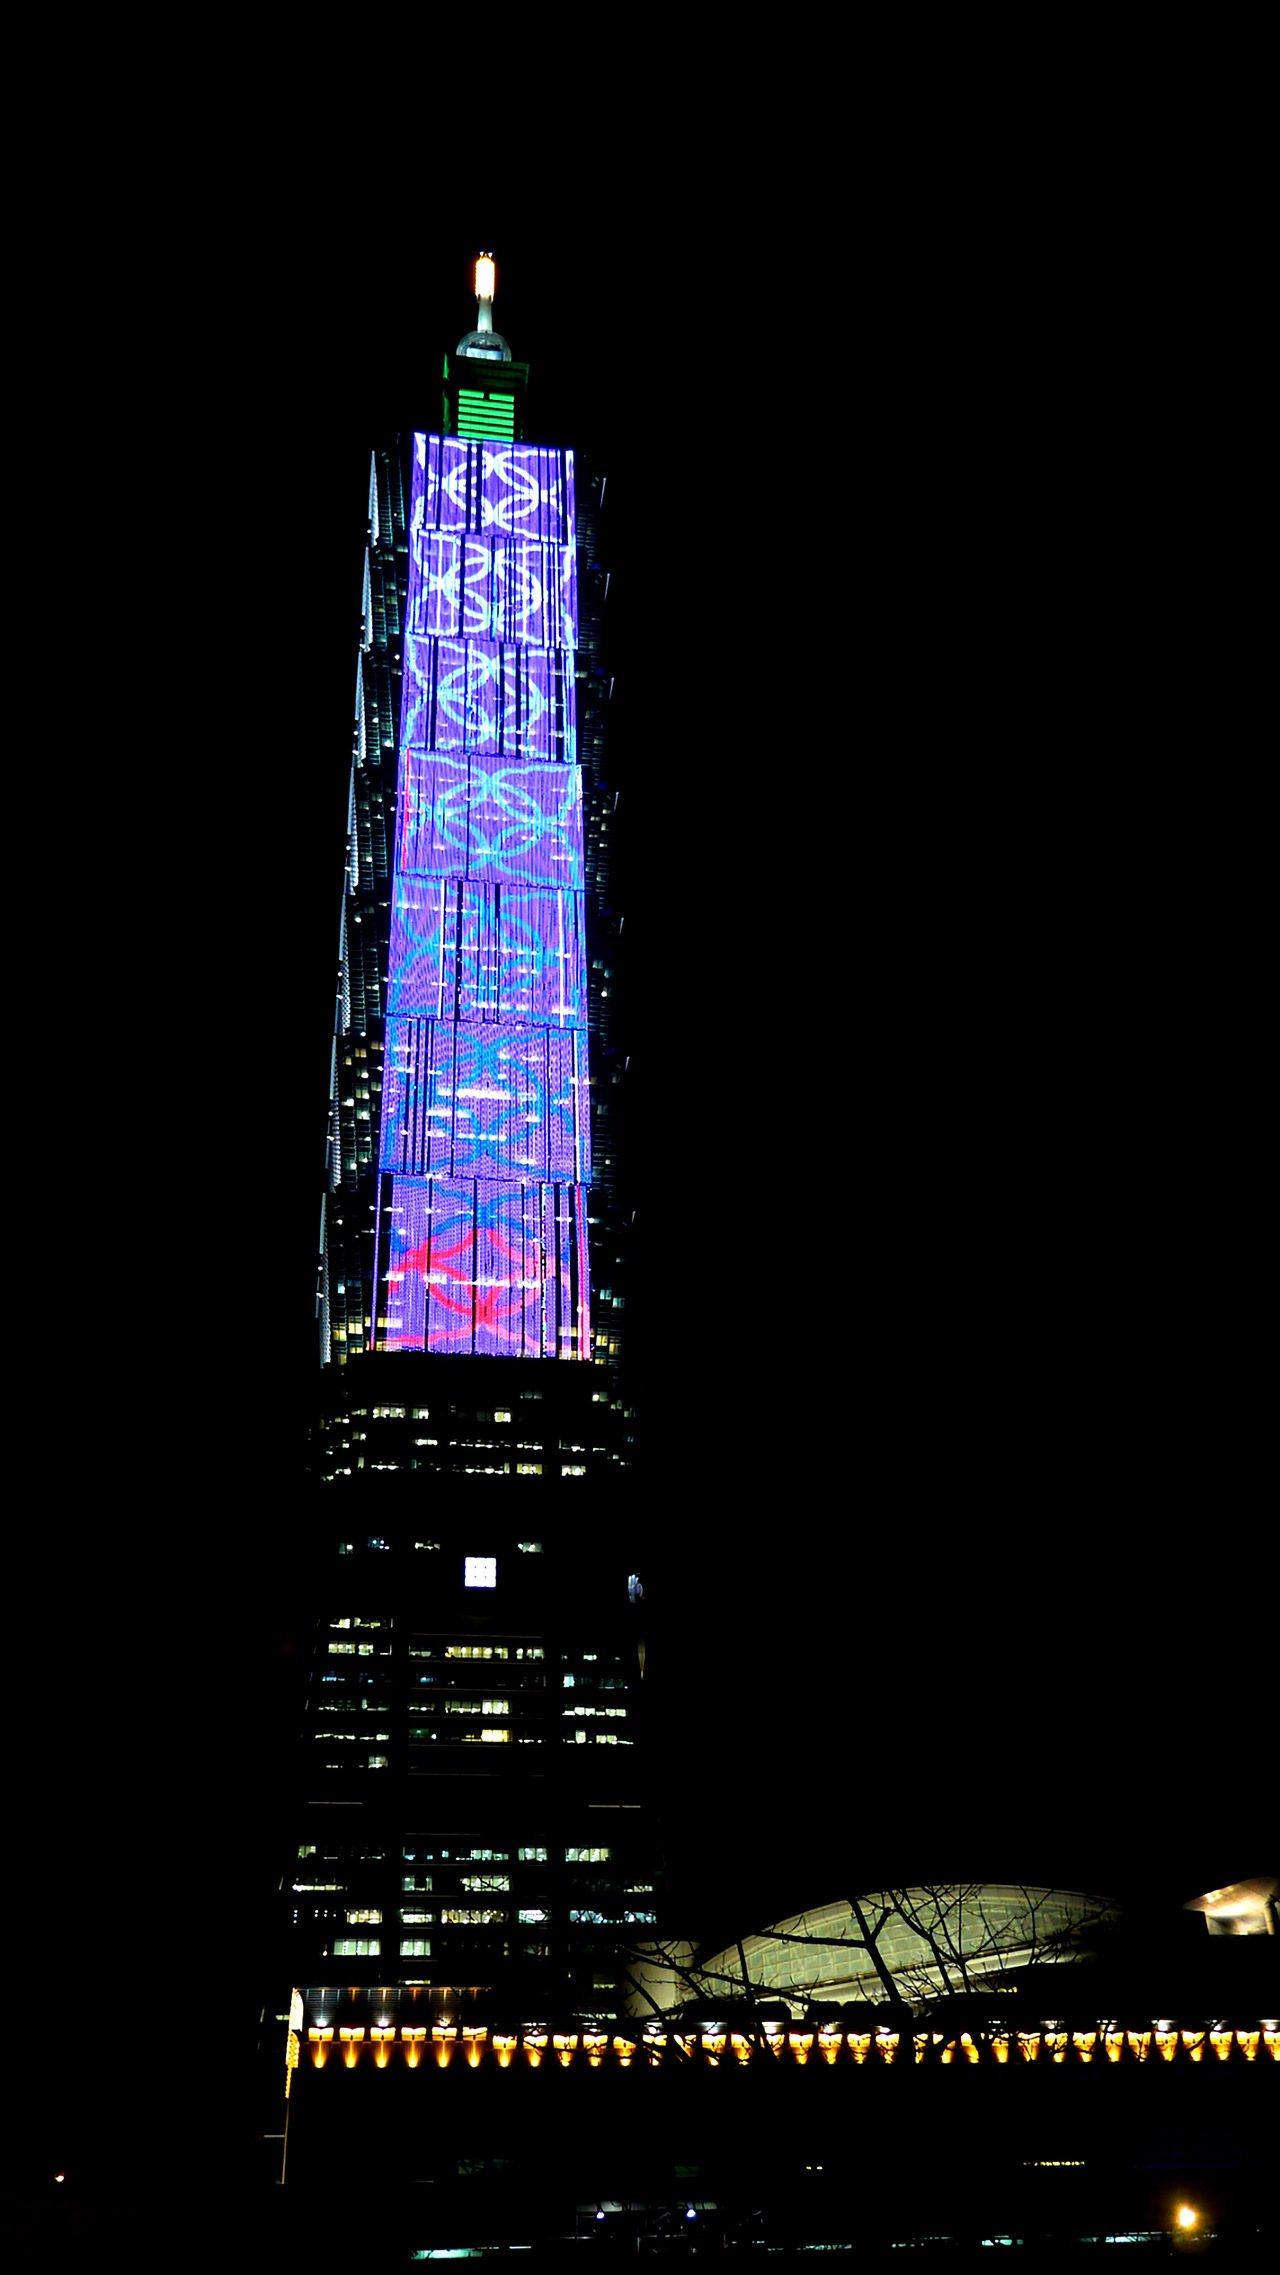 台北101將化身全台最大型公共藝術,把藝術家林明弘的作品穿上身。圖為測試示意照。...